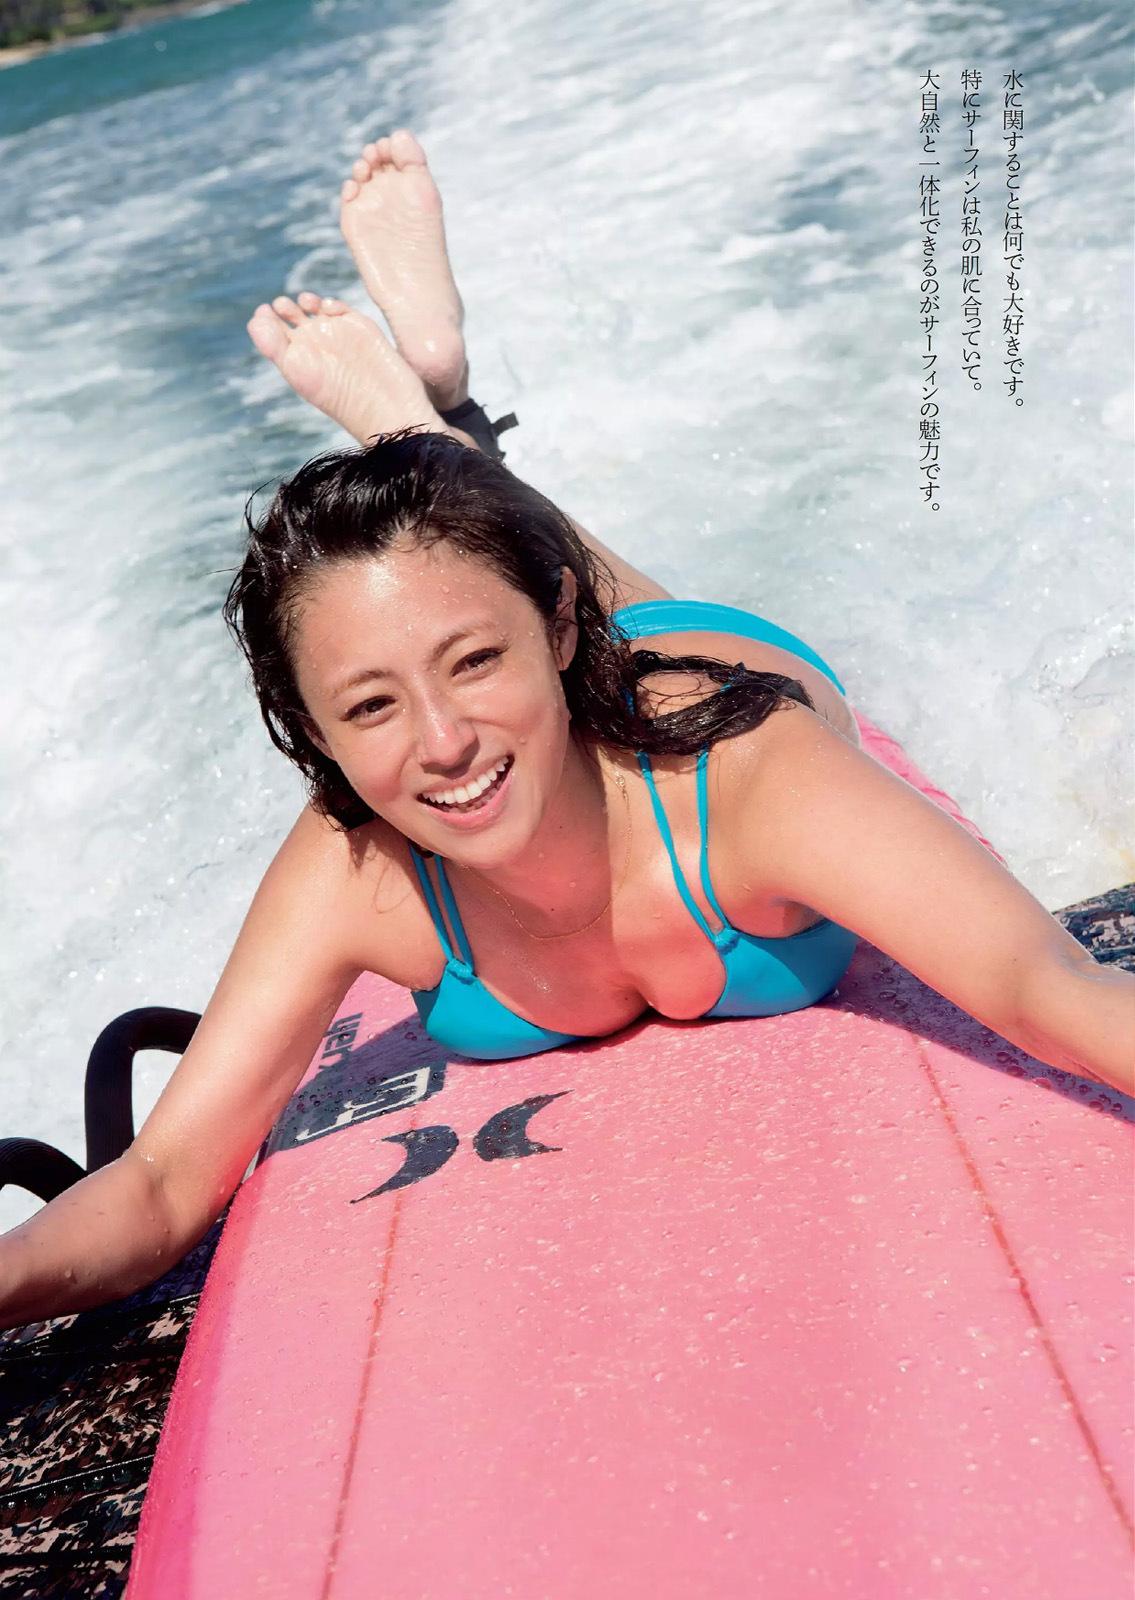 コンドームポーズに見えるショットにそろそろヌード期待!深田恭子の抜けるグラビアエロ画像wwwwwww・3枚目の画像